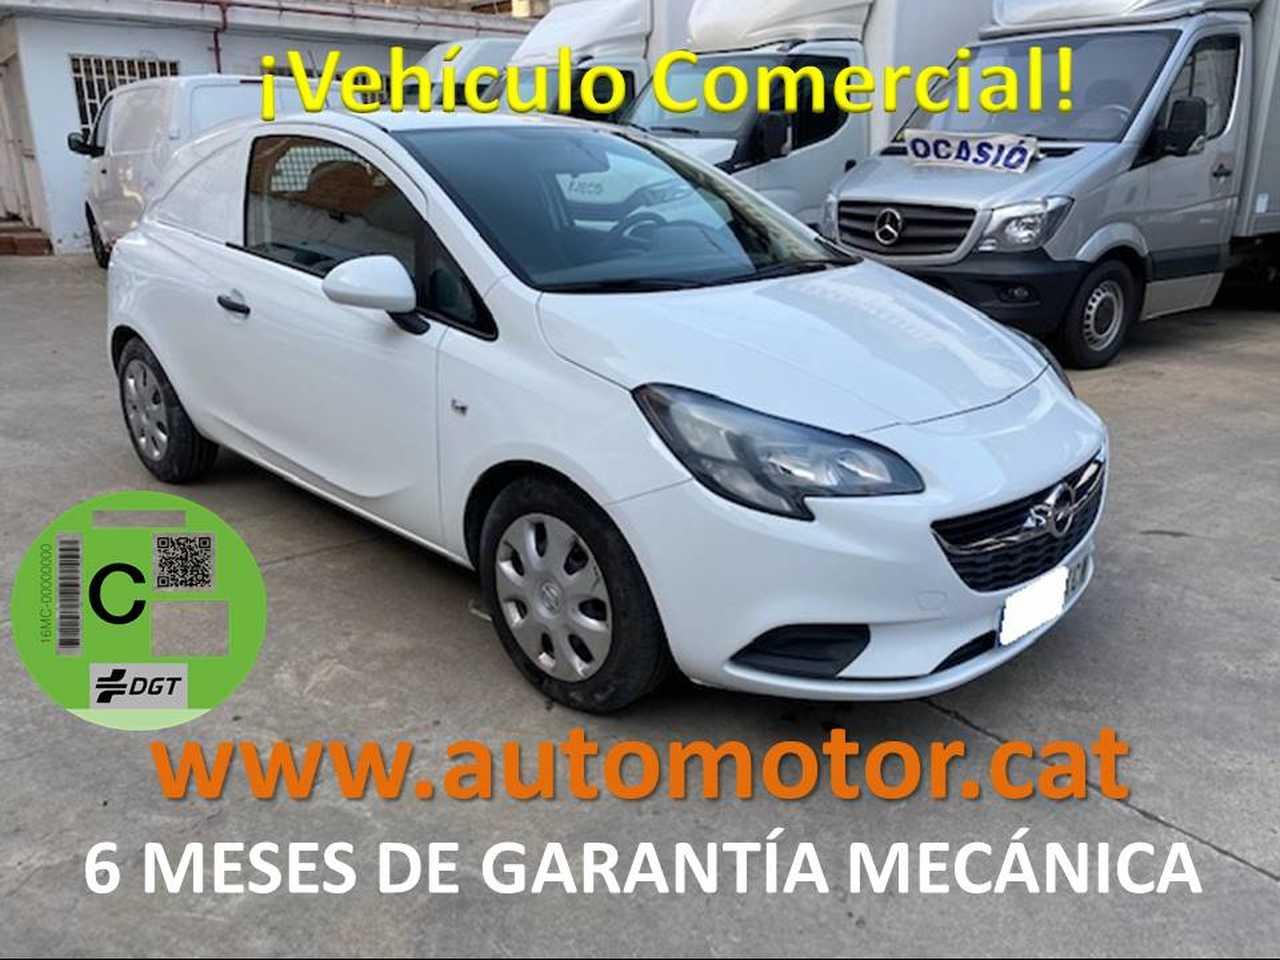 Opel Corsa Van 1.3CDTI Expression 75 - GARANTIA MECANICA  - Foto 1